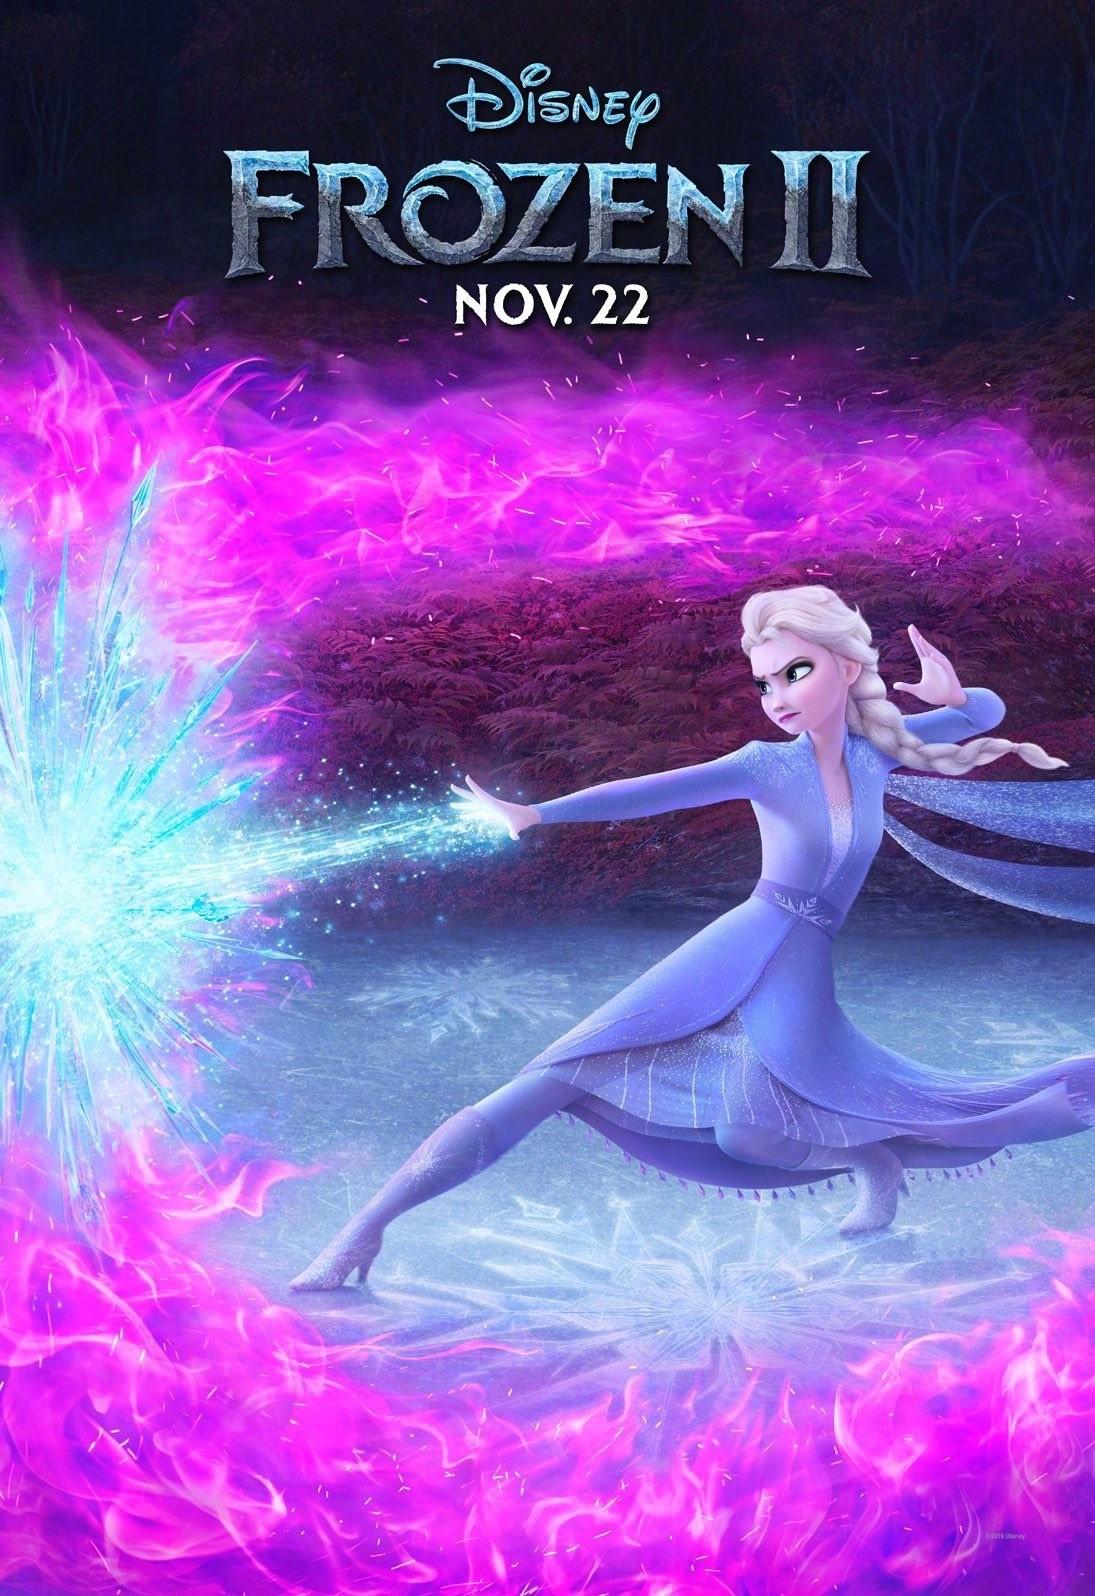 《冰雪奇缘2》最新预告 艾莎在湖边放炫酷大招